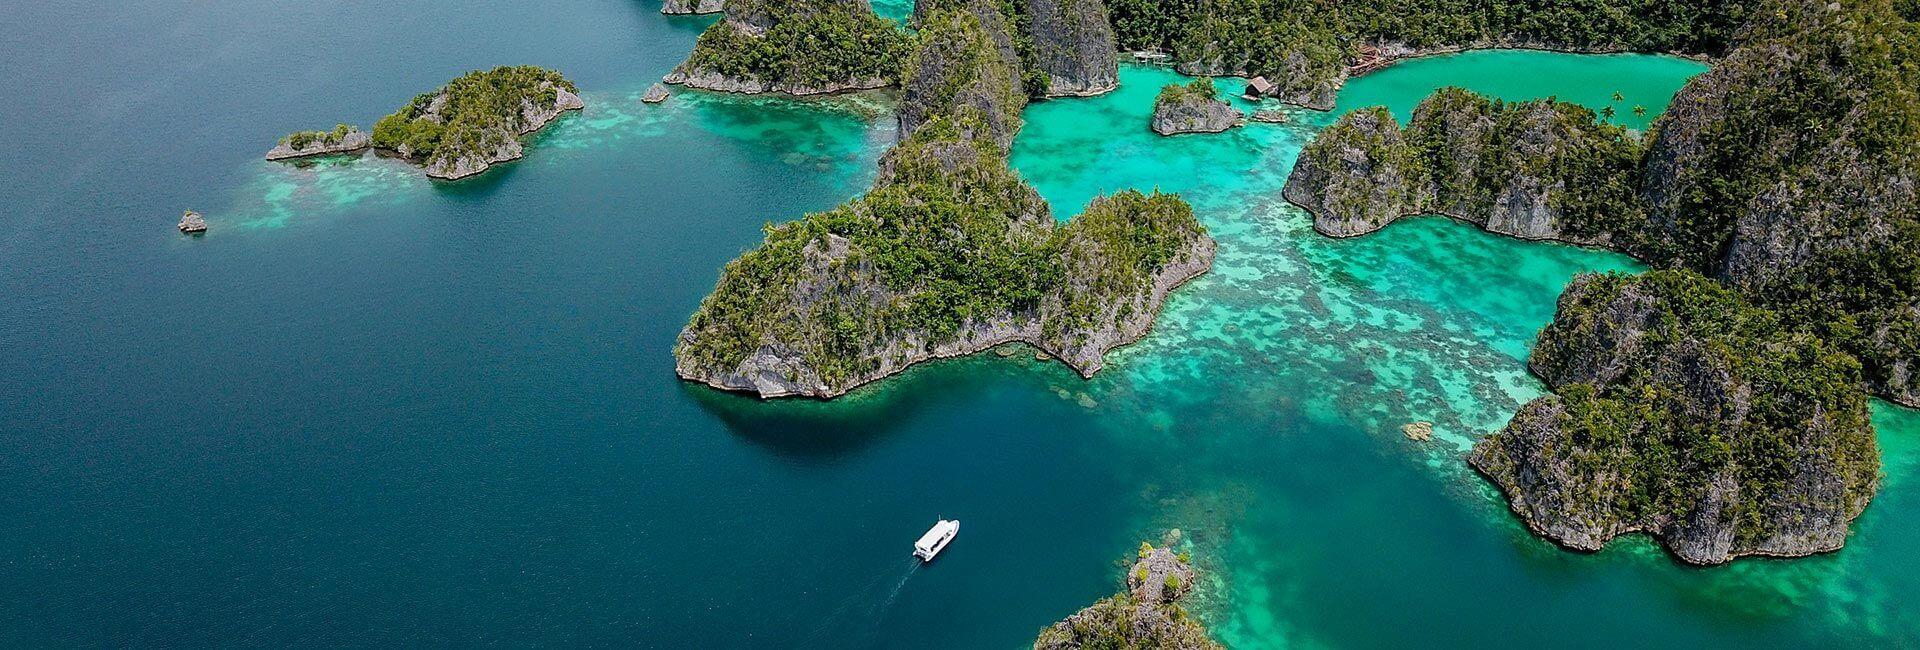 About Meridian Adventure Dive Raja Ampat Resort